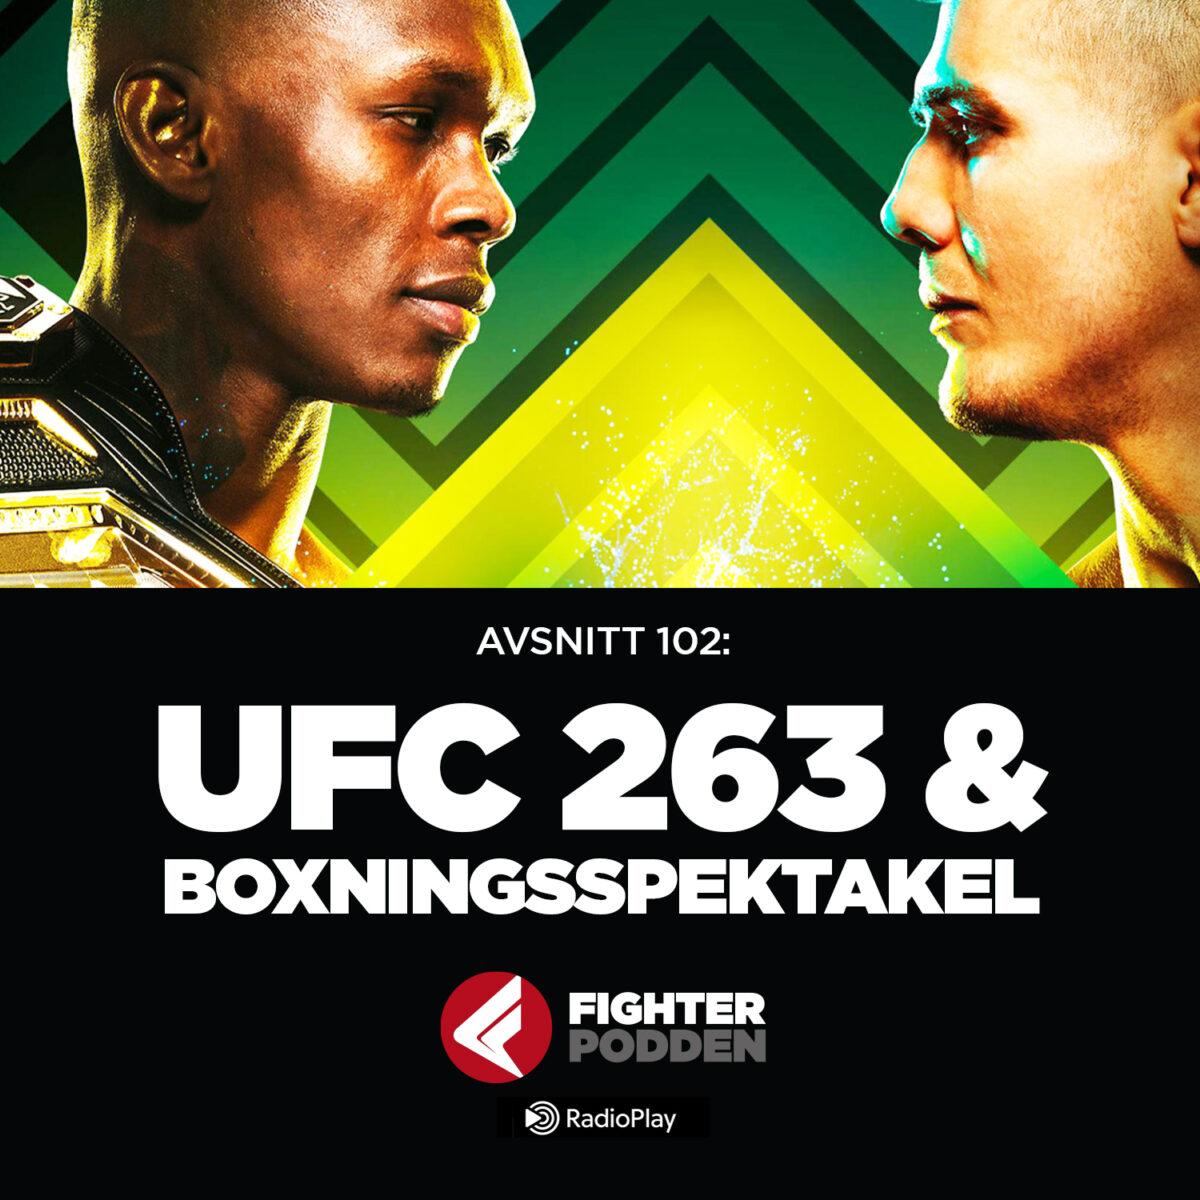 Fighterpodden avsnitt 102: UFC 263 och boxningsspektakel